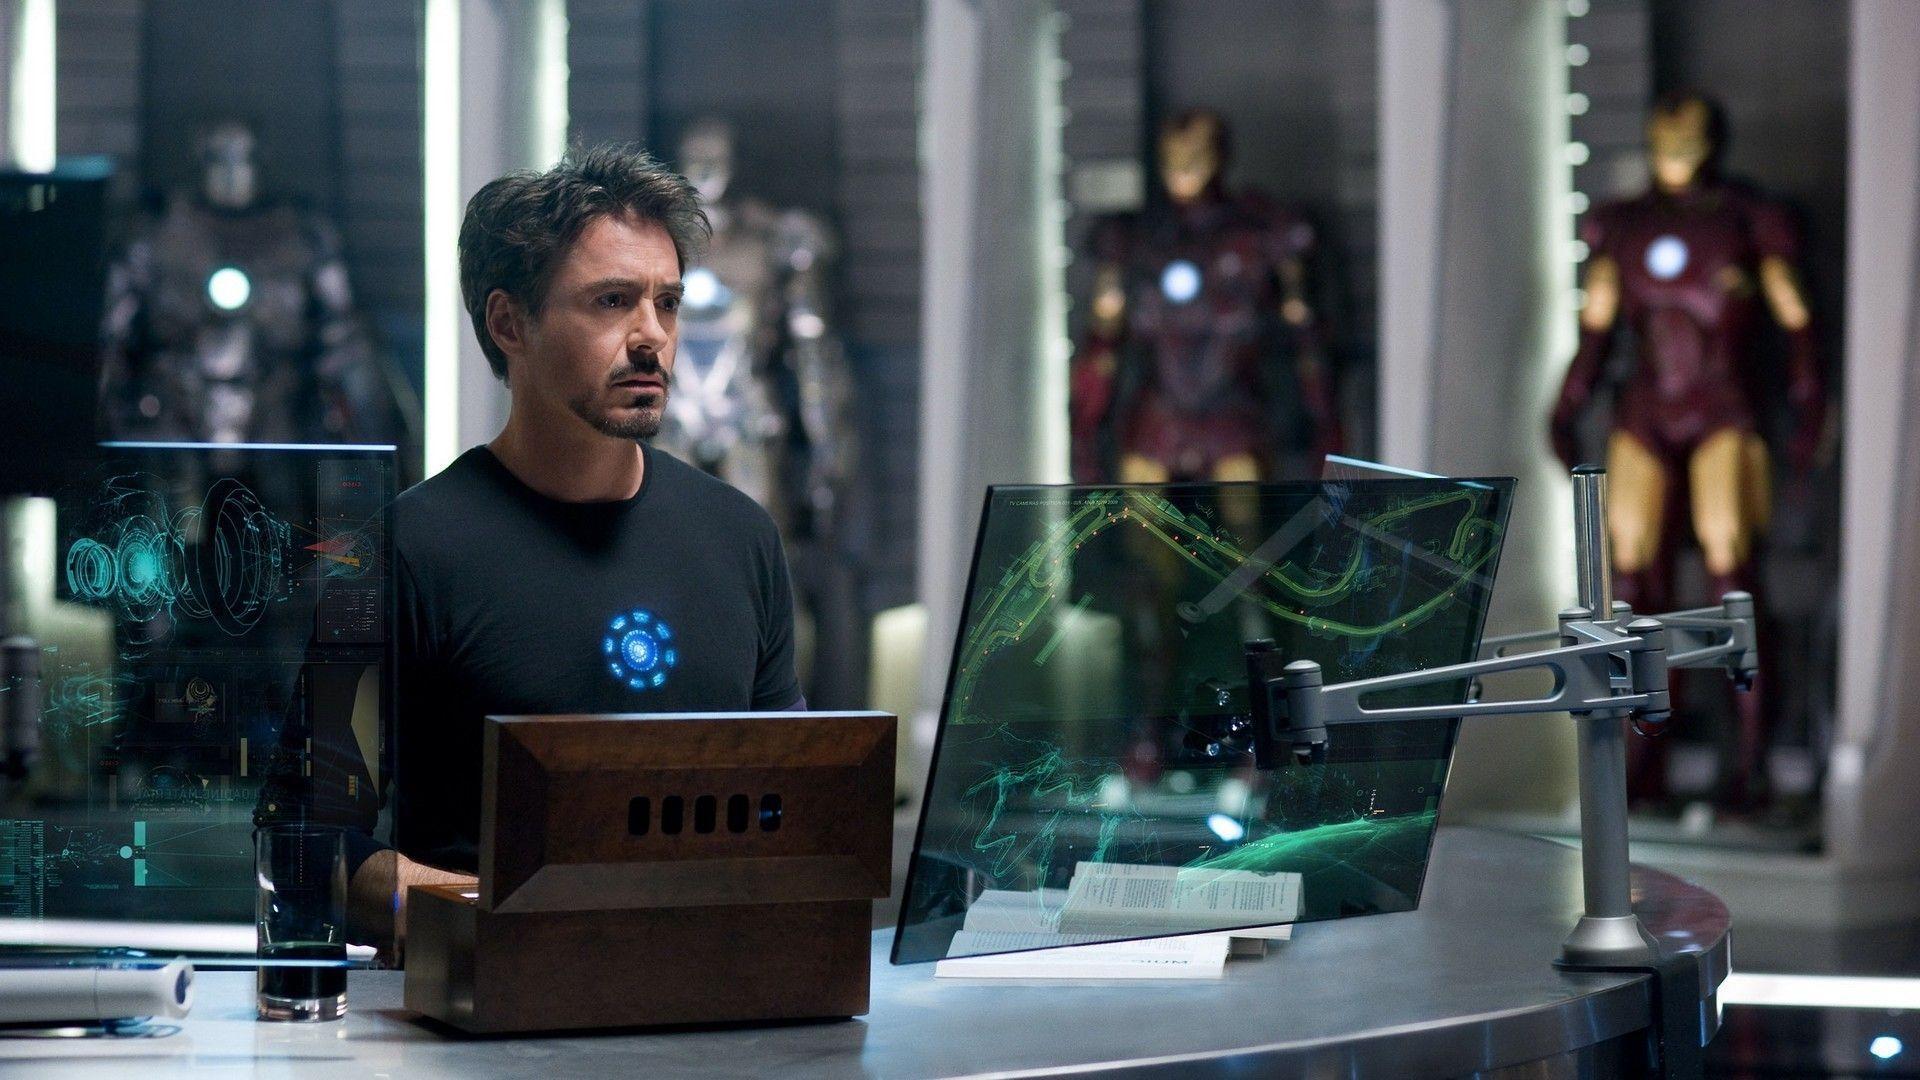 Tony Stark Wallpapers Top Free Tony Stark Backgrounds Wallpaperaccess